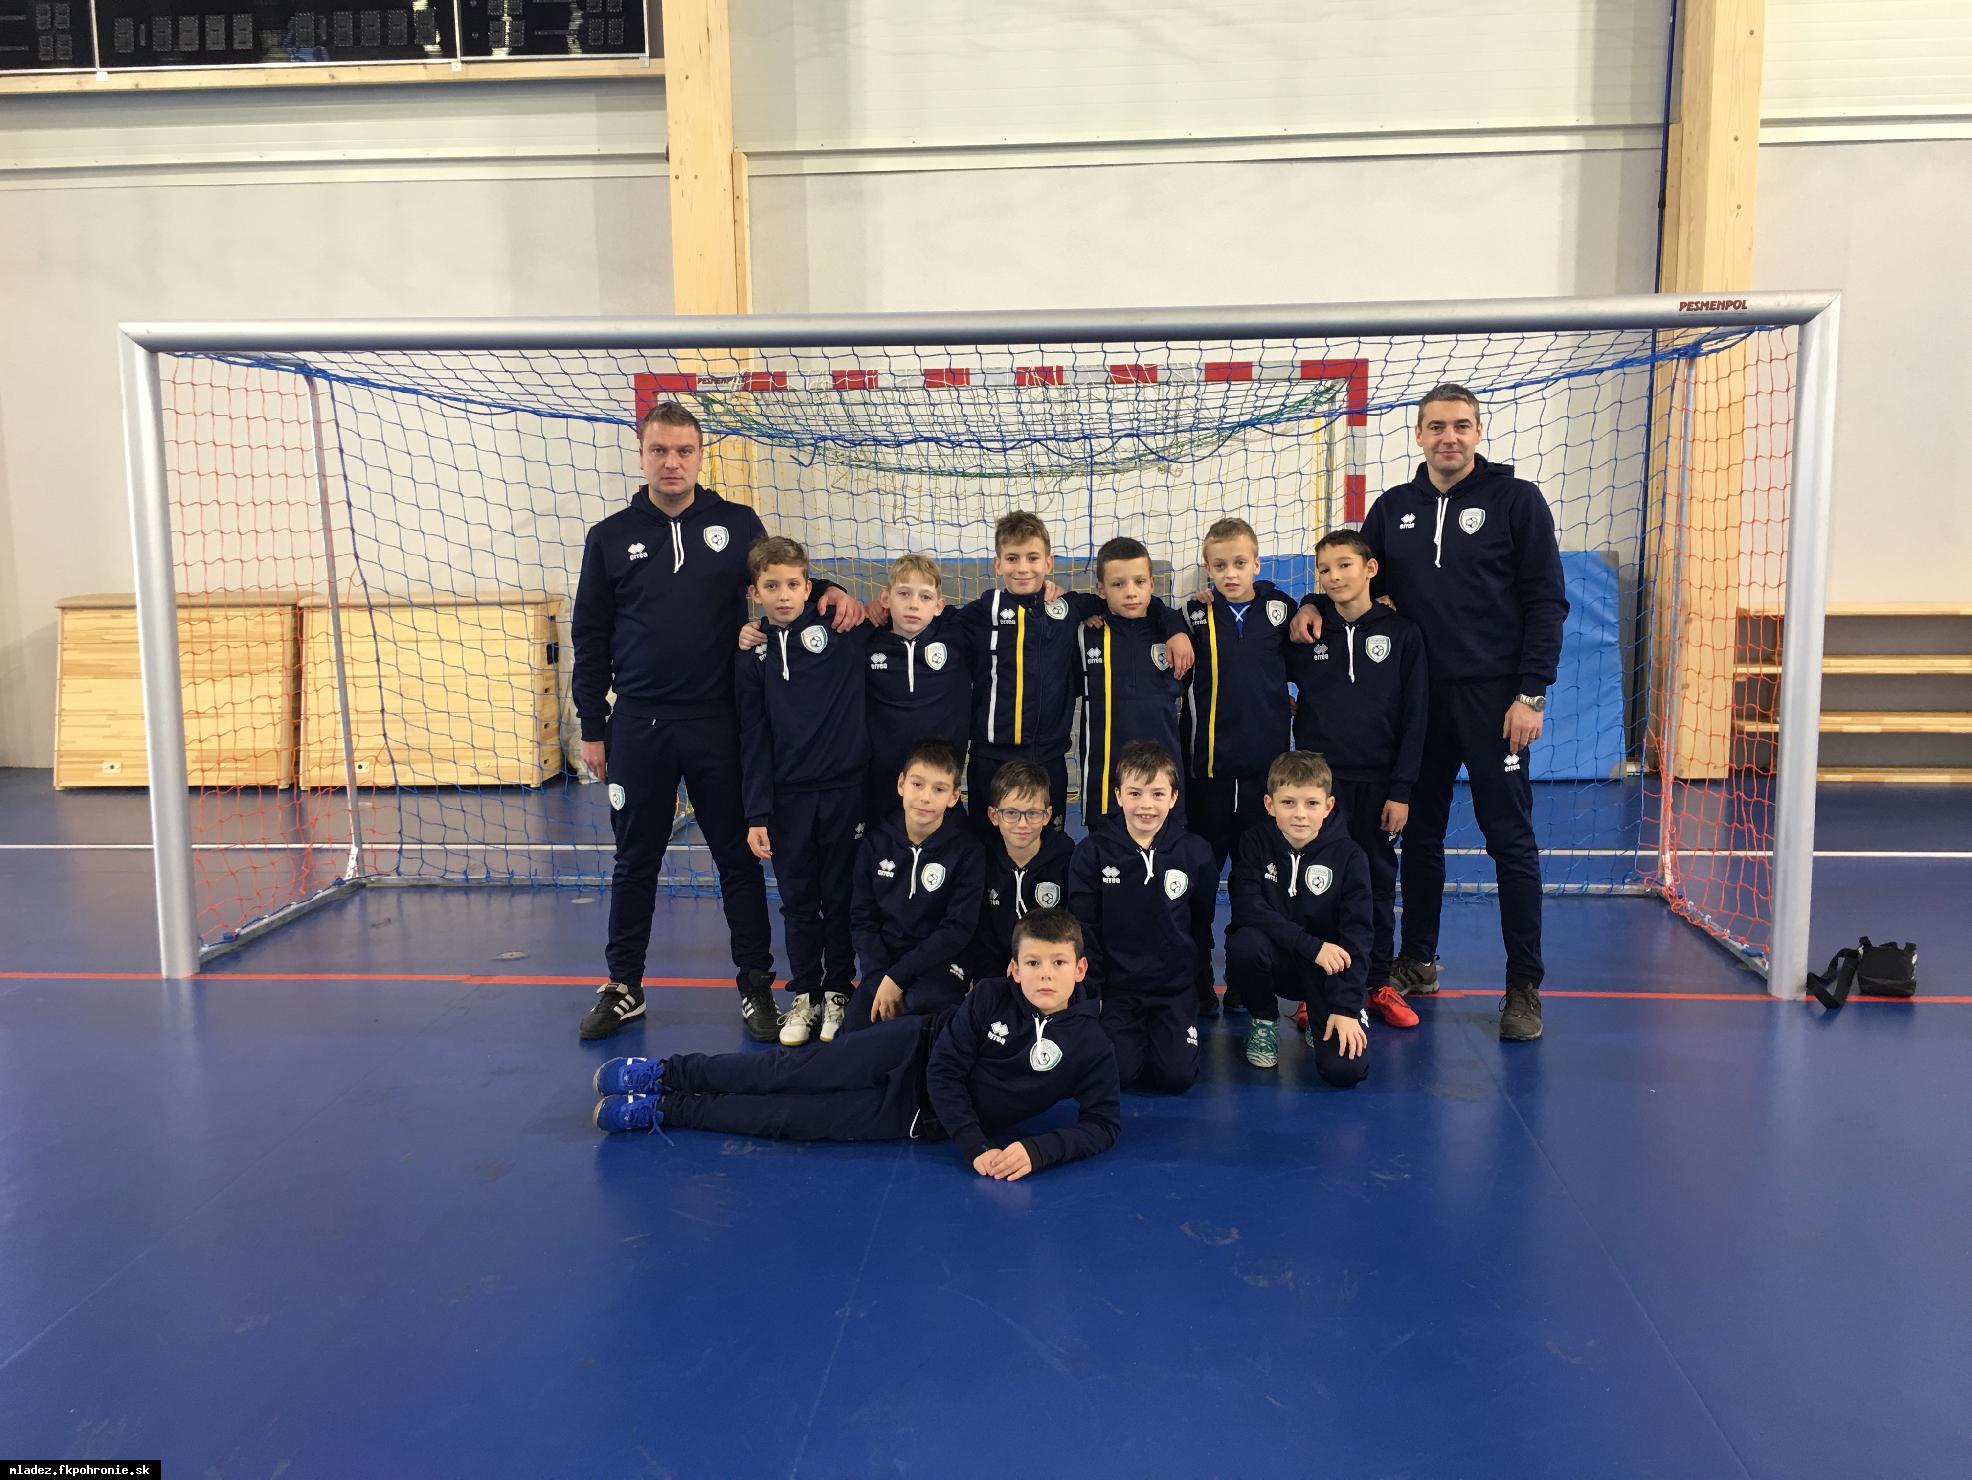 U10: Spartakovský pohár 2019